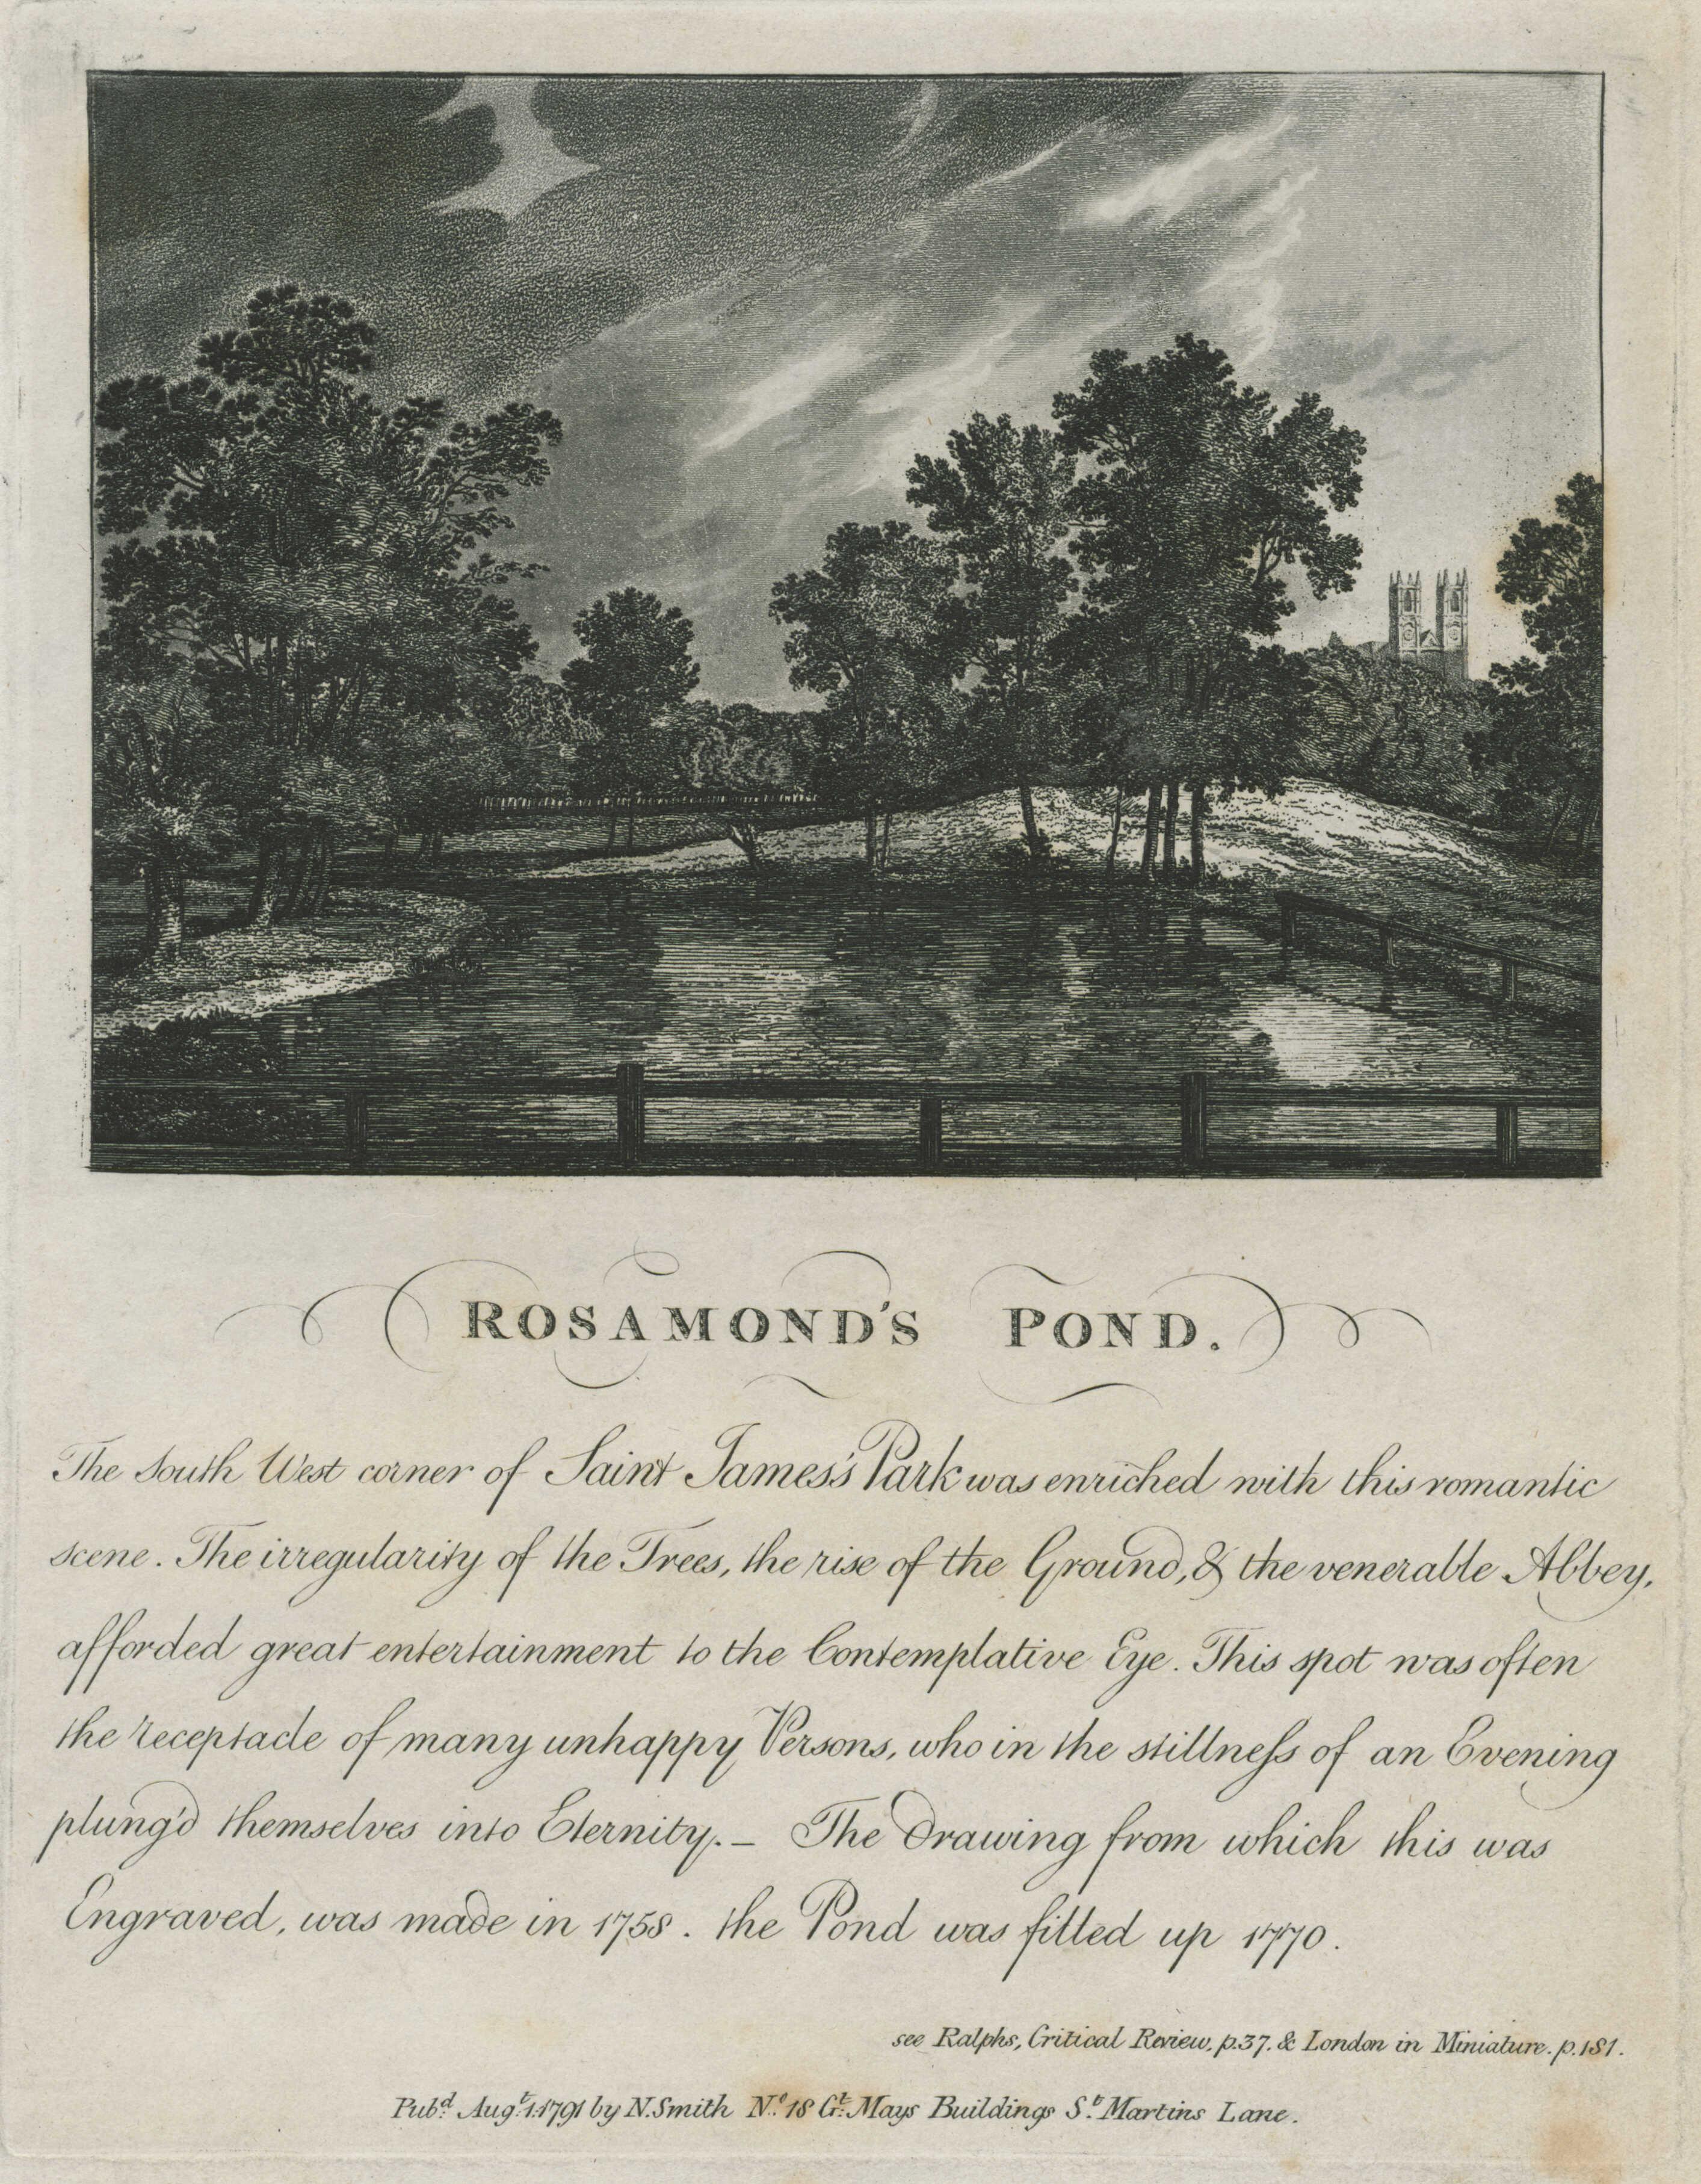 20-rosamonds-pond-st-jamess-park-filled-up-in-1770